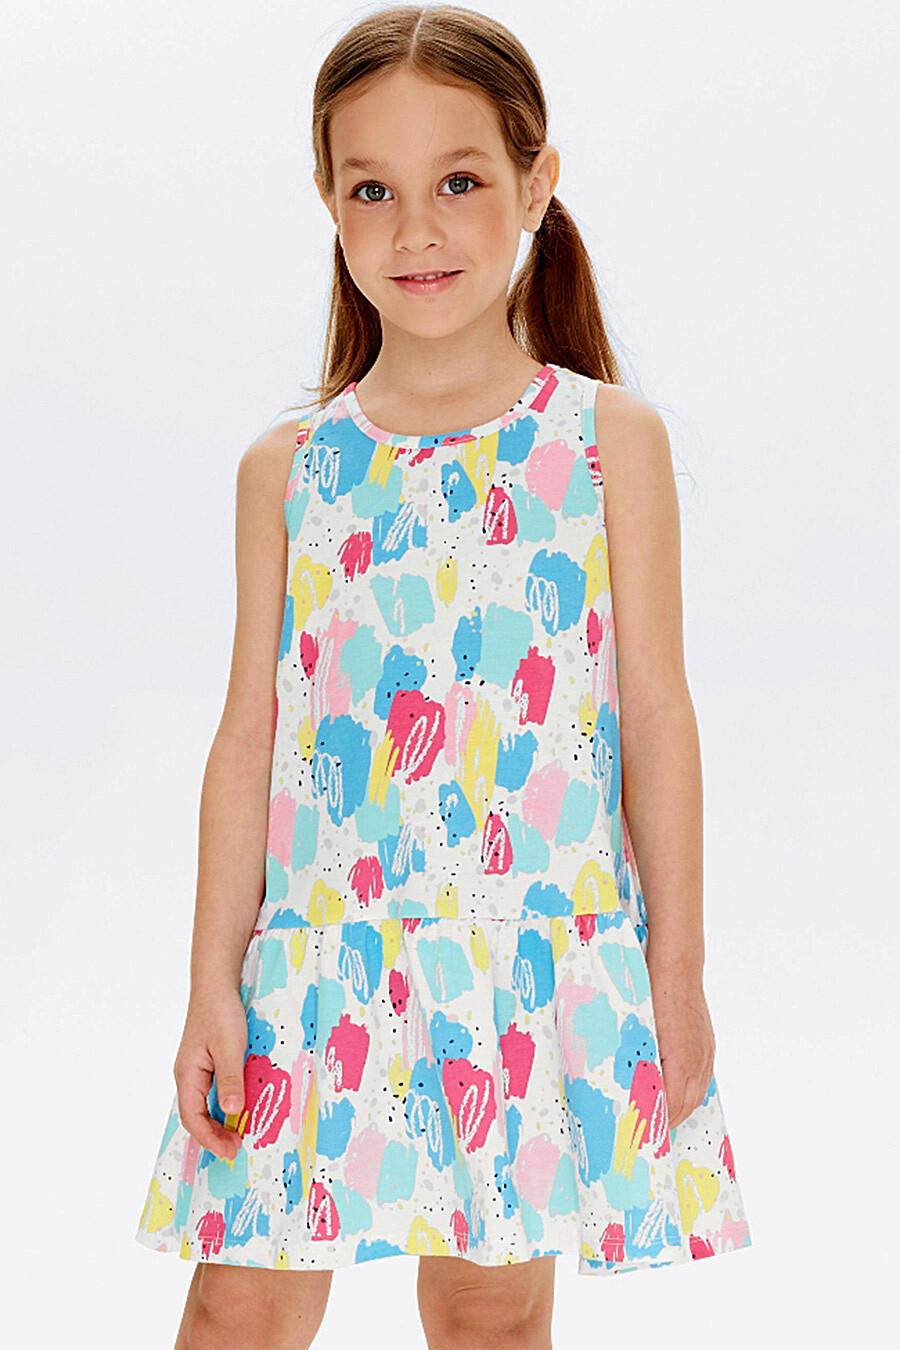 Сарафан для девочек UMKA 321834 купить оптом от производителя. Совместная покупка детской одежды в OptMoyo